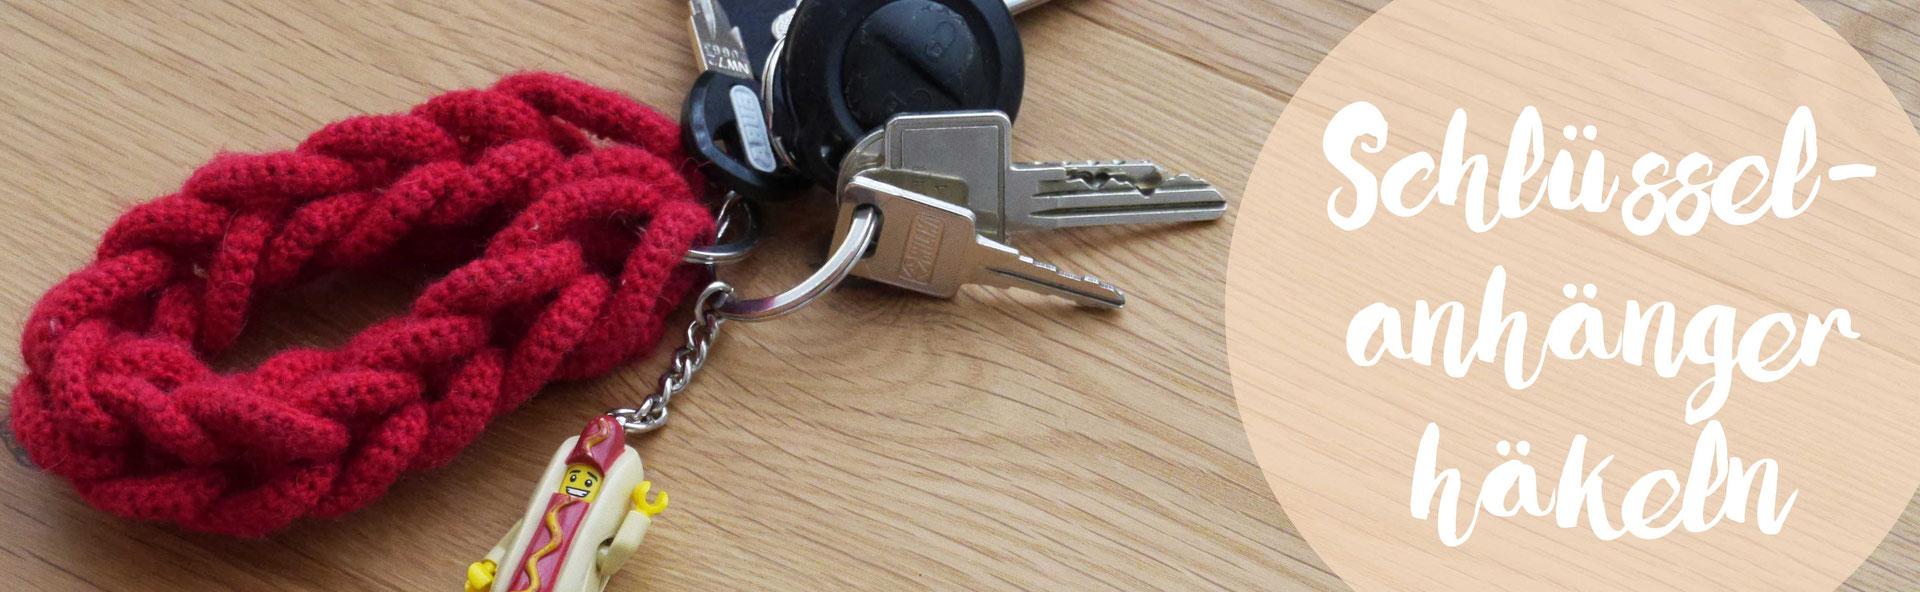 Schlüssel-Anhänger häkeln - omniview | dein DIY-Blog